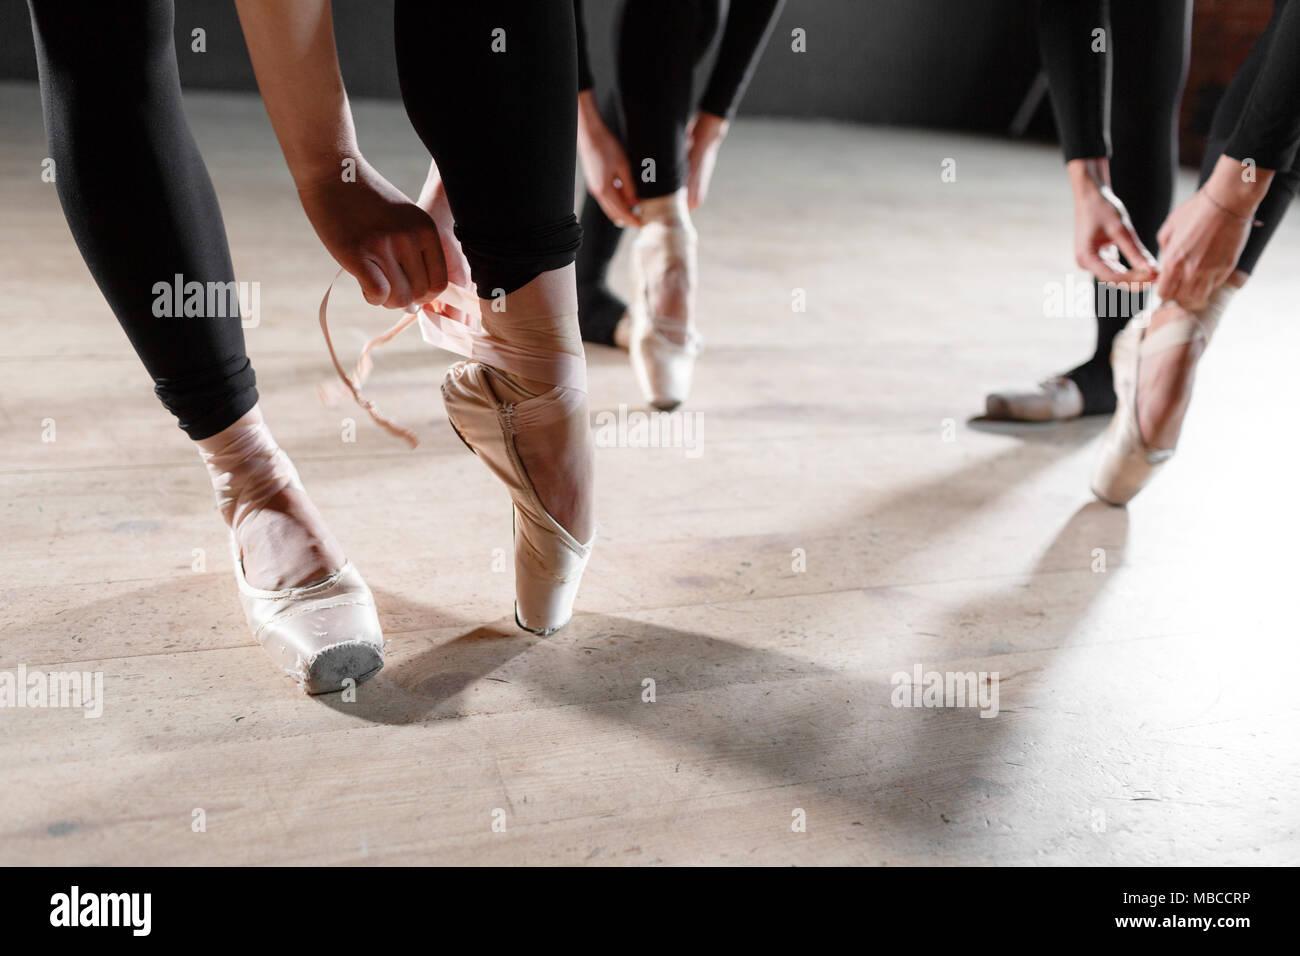 Le concept de ballet. Les pointes de près. Les jeunes filles de ballerine. Les femmes à la répétition en bustier noir. Préparer une représentation théâtrale Banque D'Images